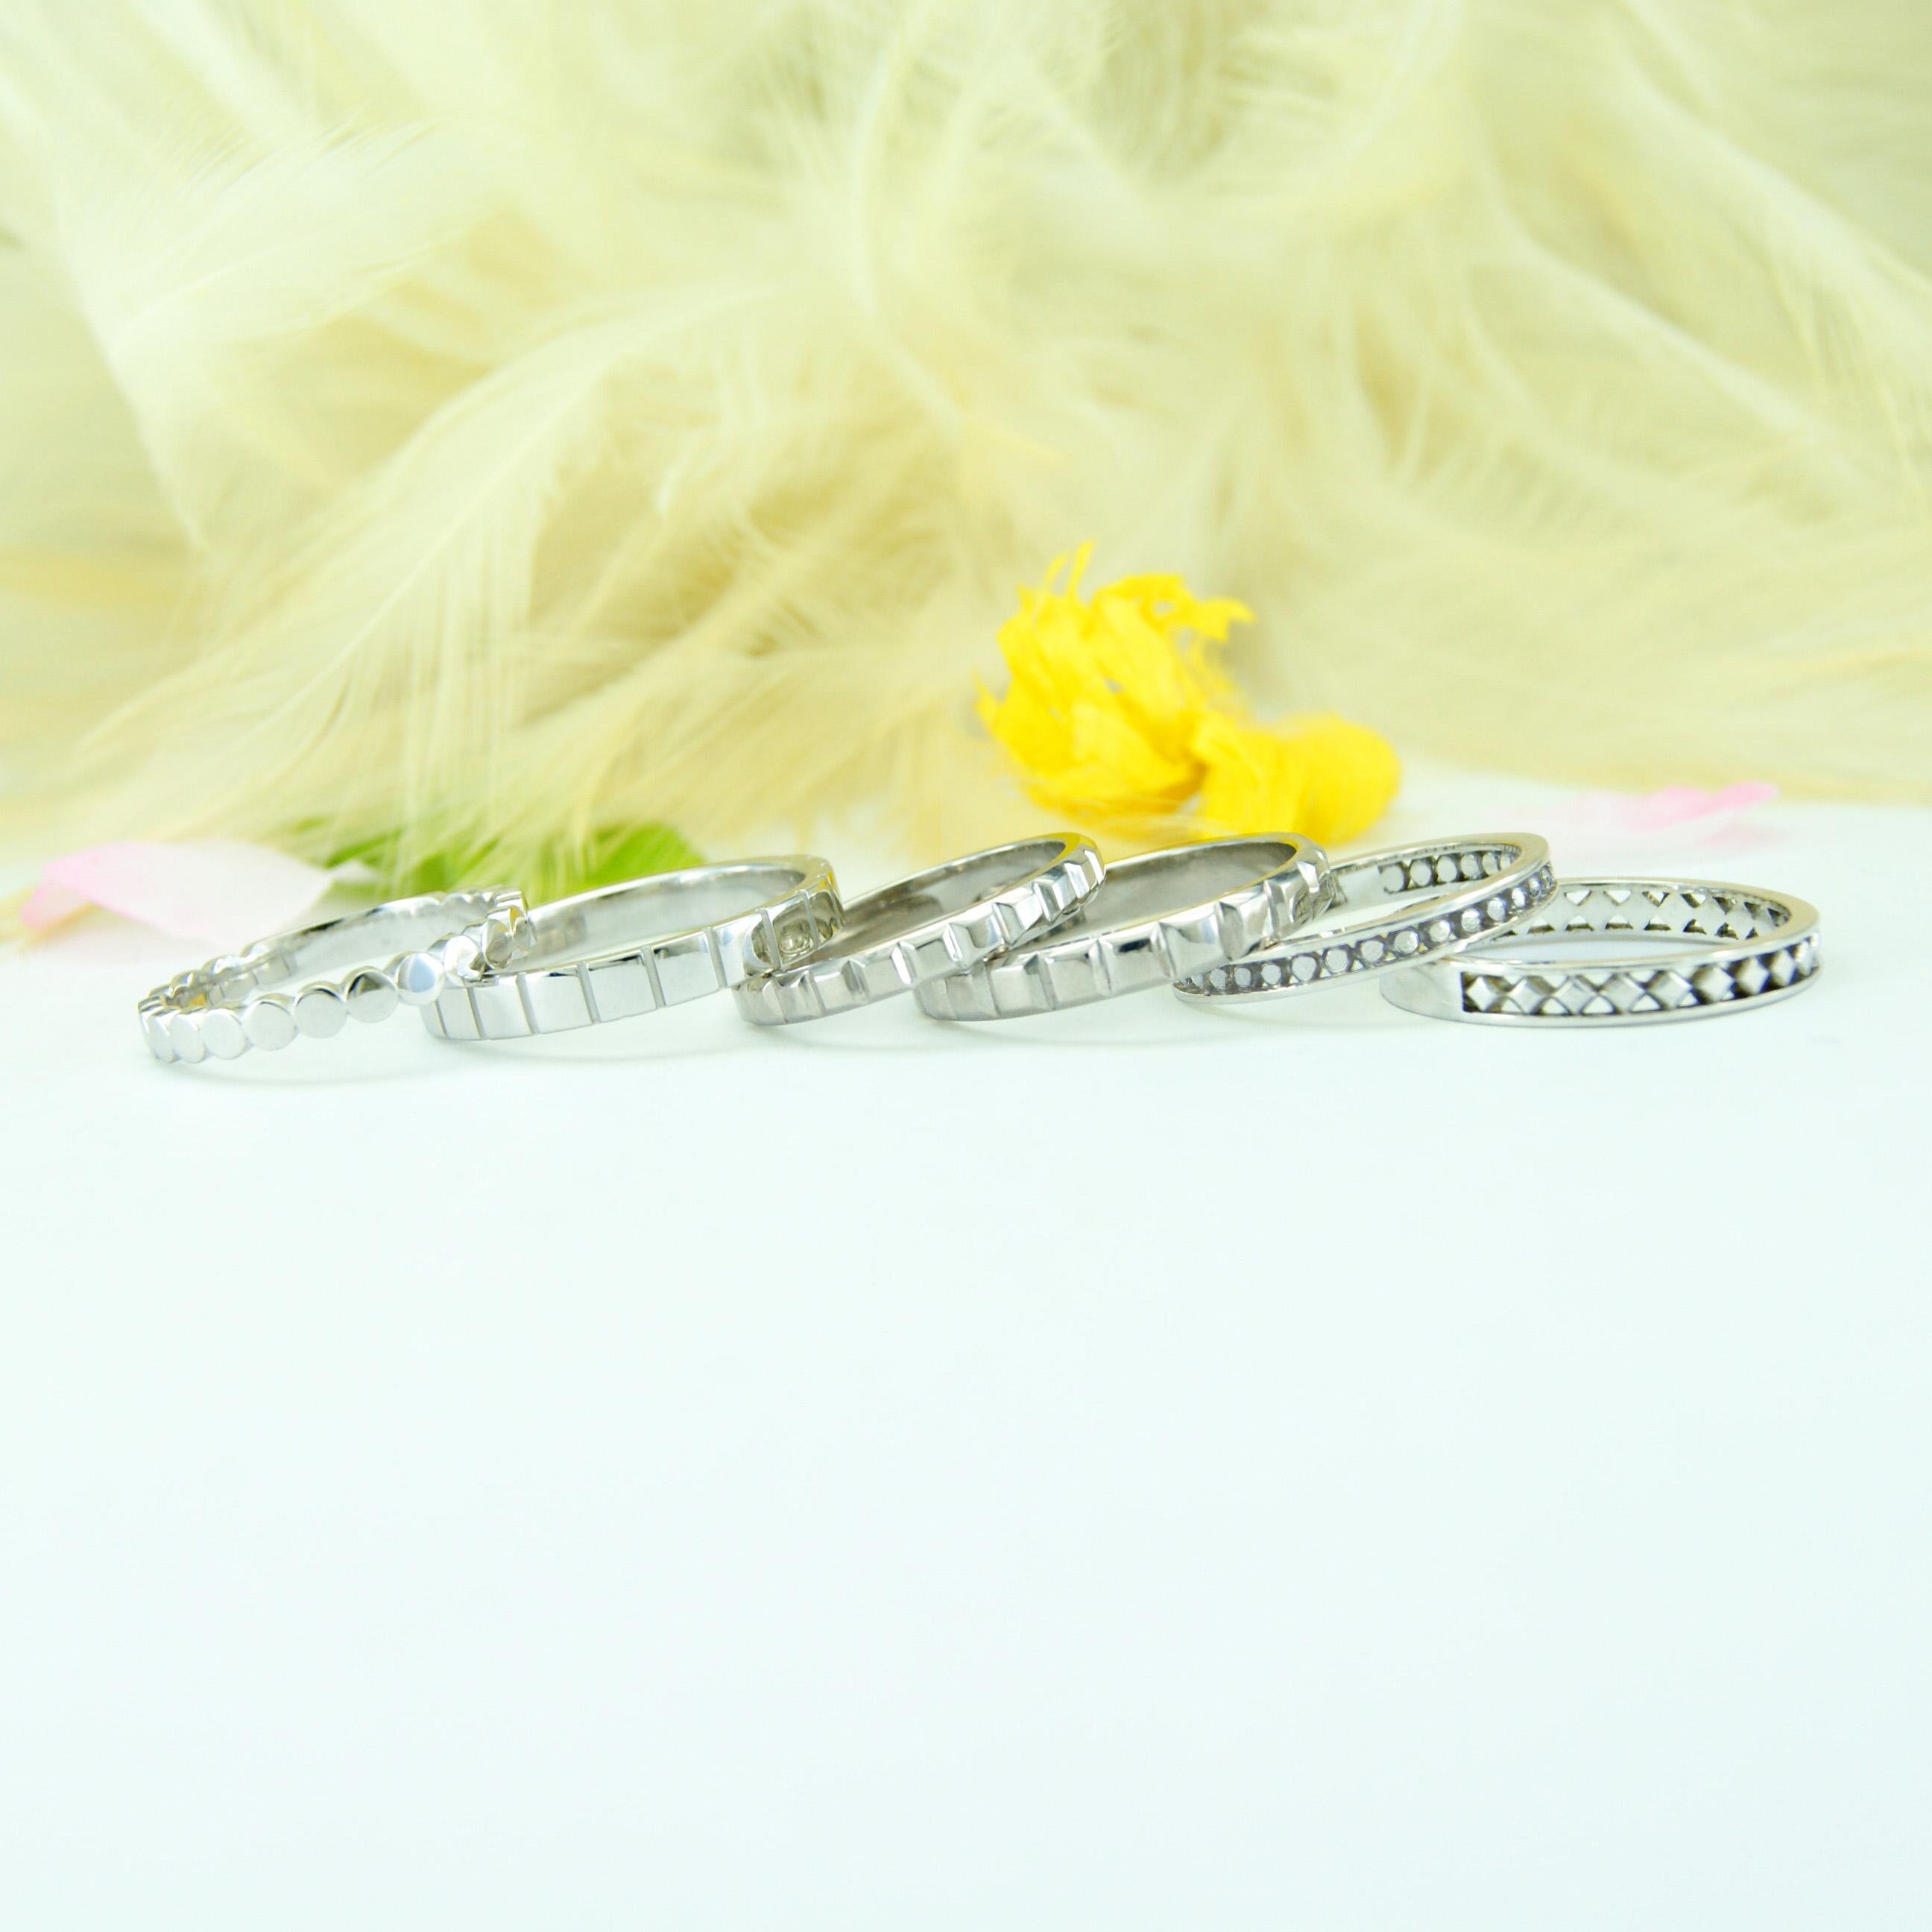 世界に一つだけの結婚指輪「kazariya Yui」 福島県郡山市 コレクションリング モダンデザイン